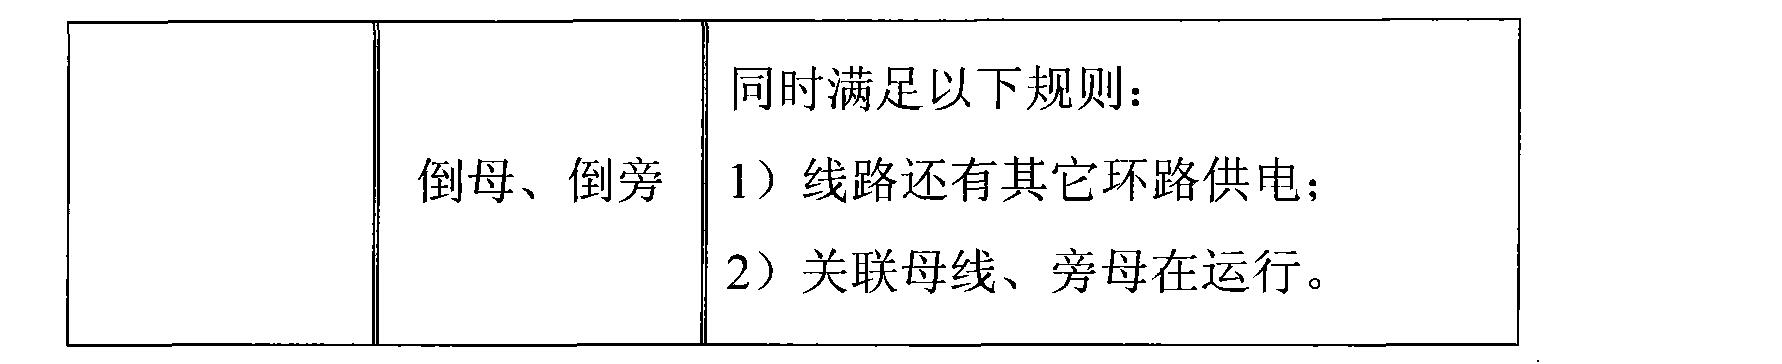 Figure CN101520647BD00082